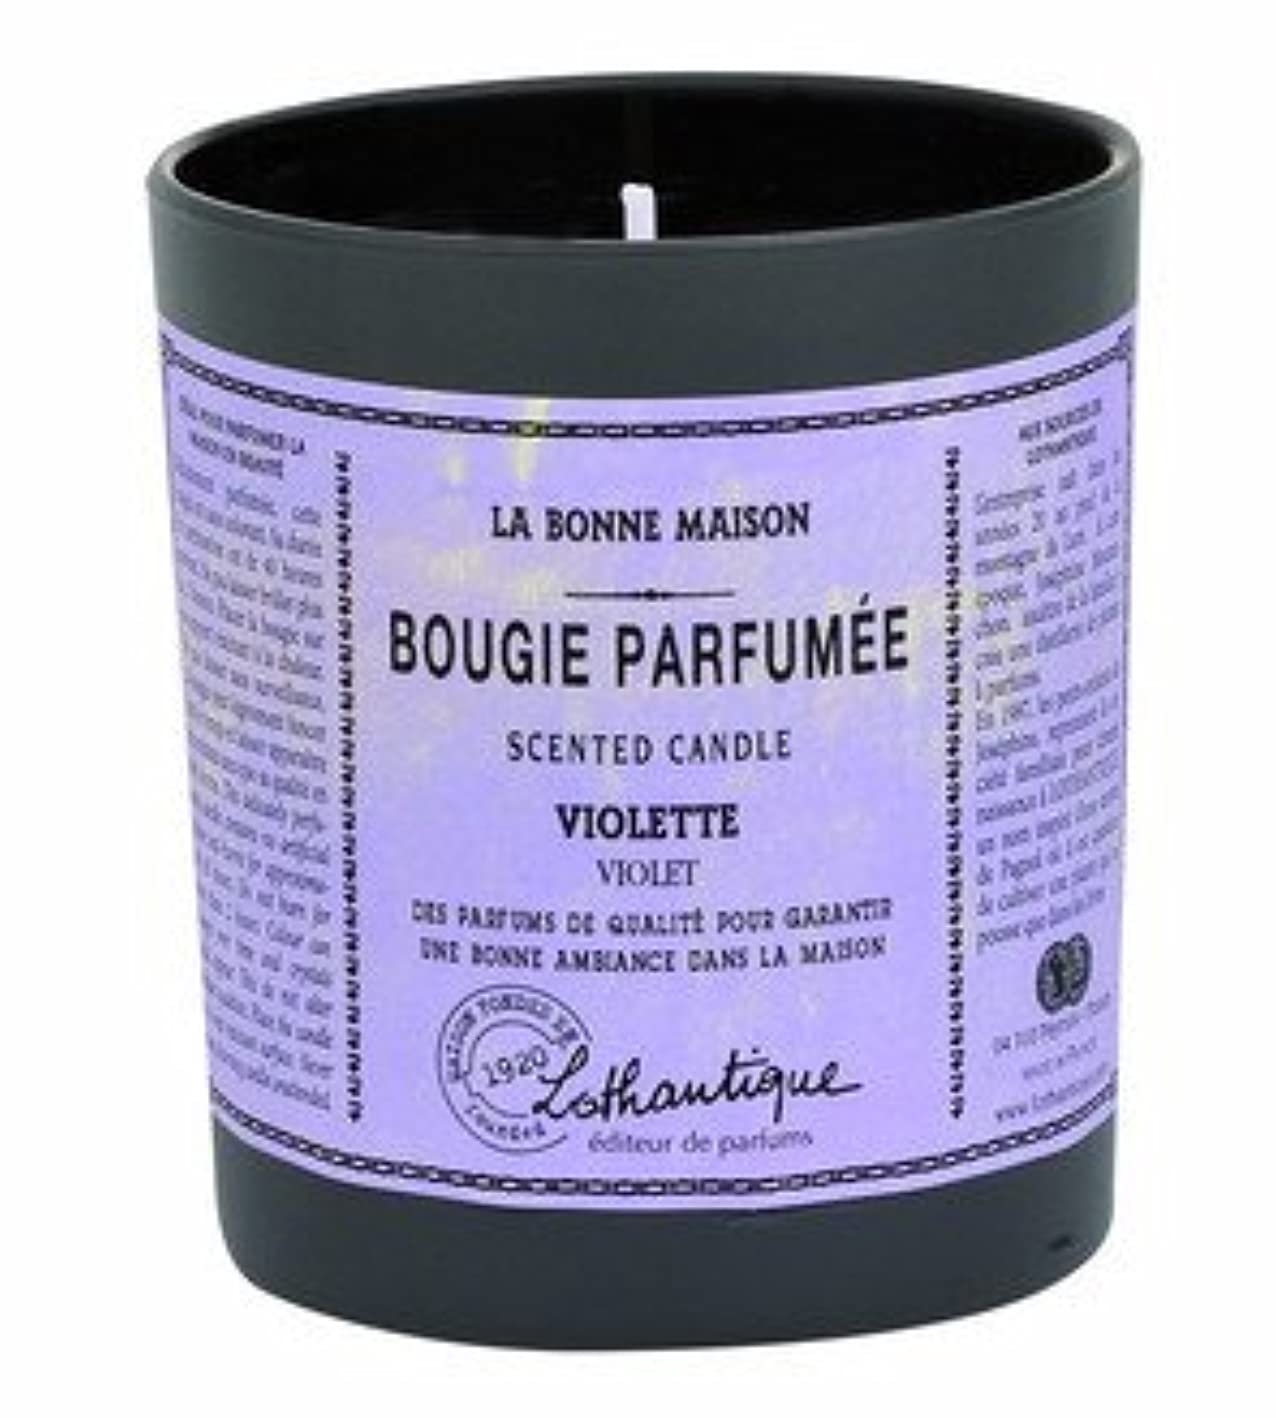 完璧な運賃自己尊重Lothantique(ロタンティック) LES Bonne Maison(ボンメゾンシリーズ) グラスキャンドル 160g 「ミモザ」 3420070039422